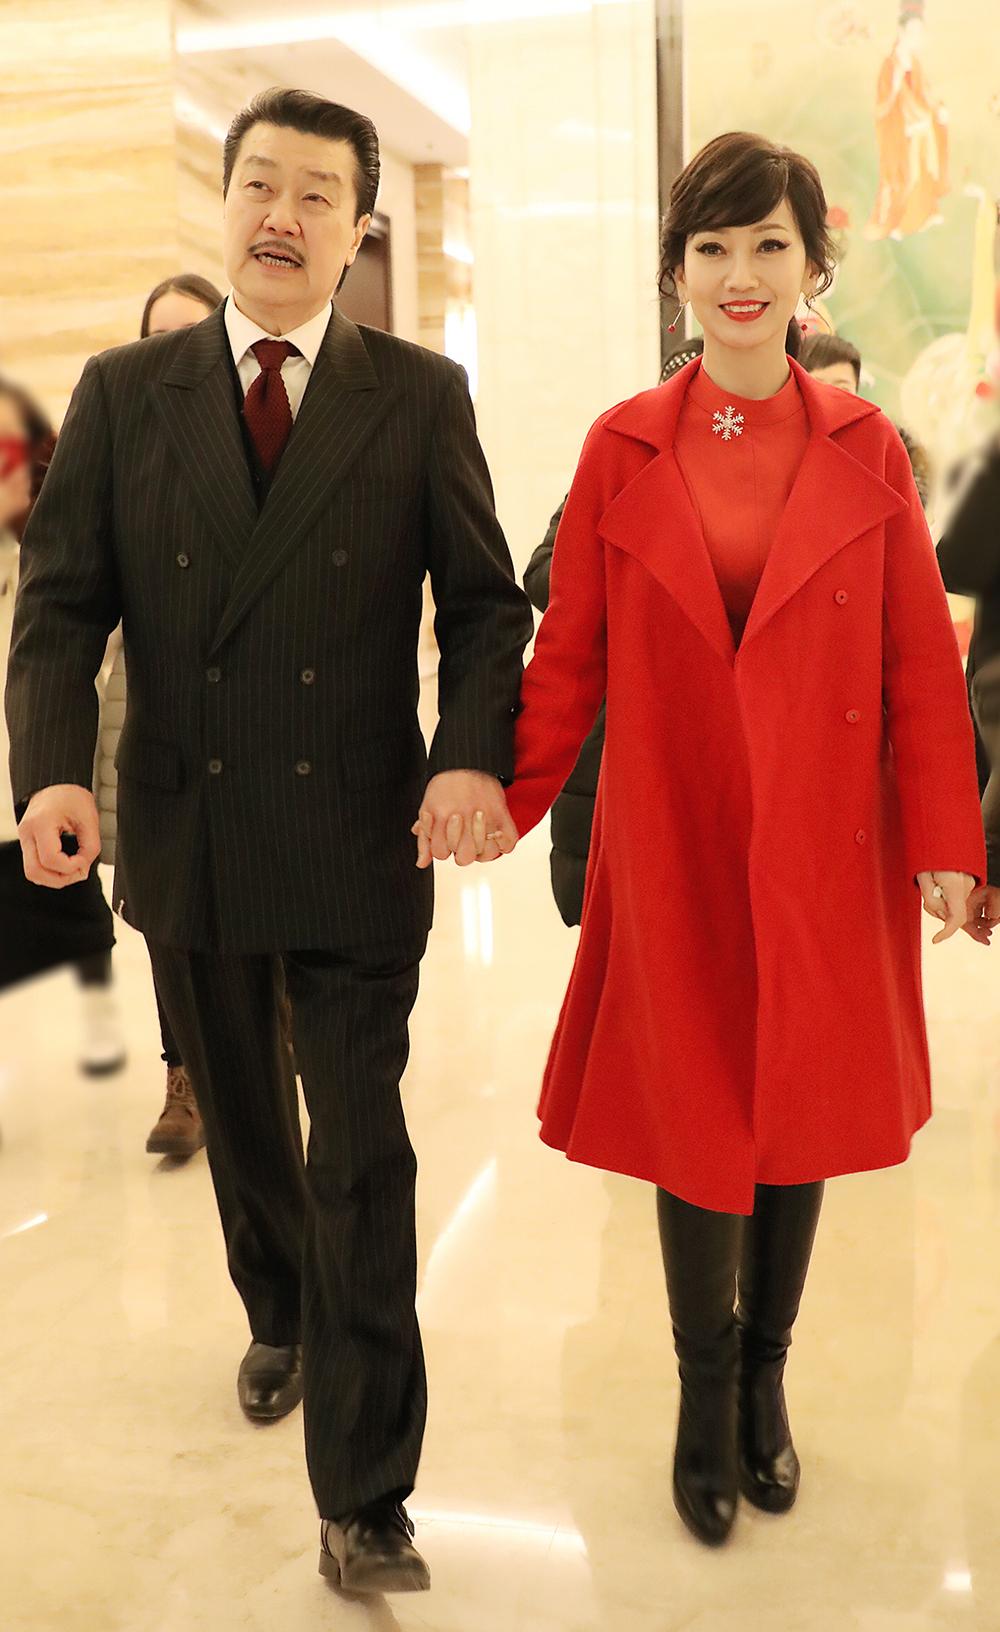 64岁赵雅芝要转型?活动上穿一身红依旧惊艳,不过是换了个美法